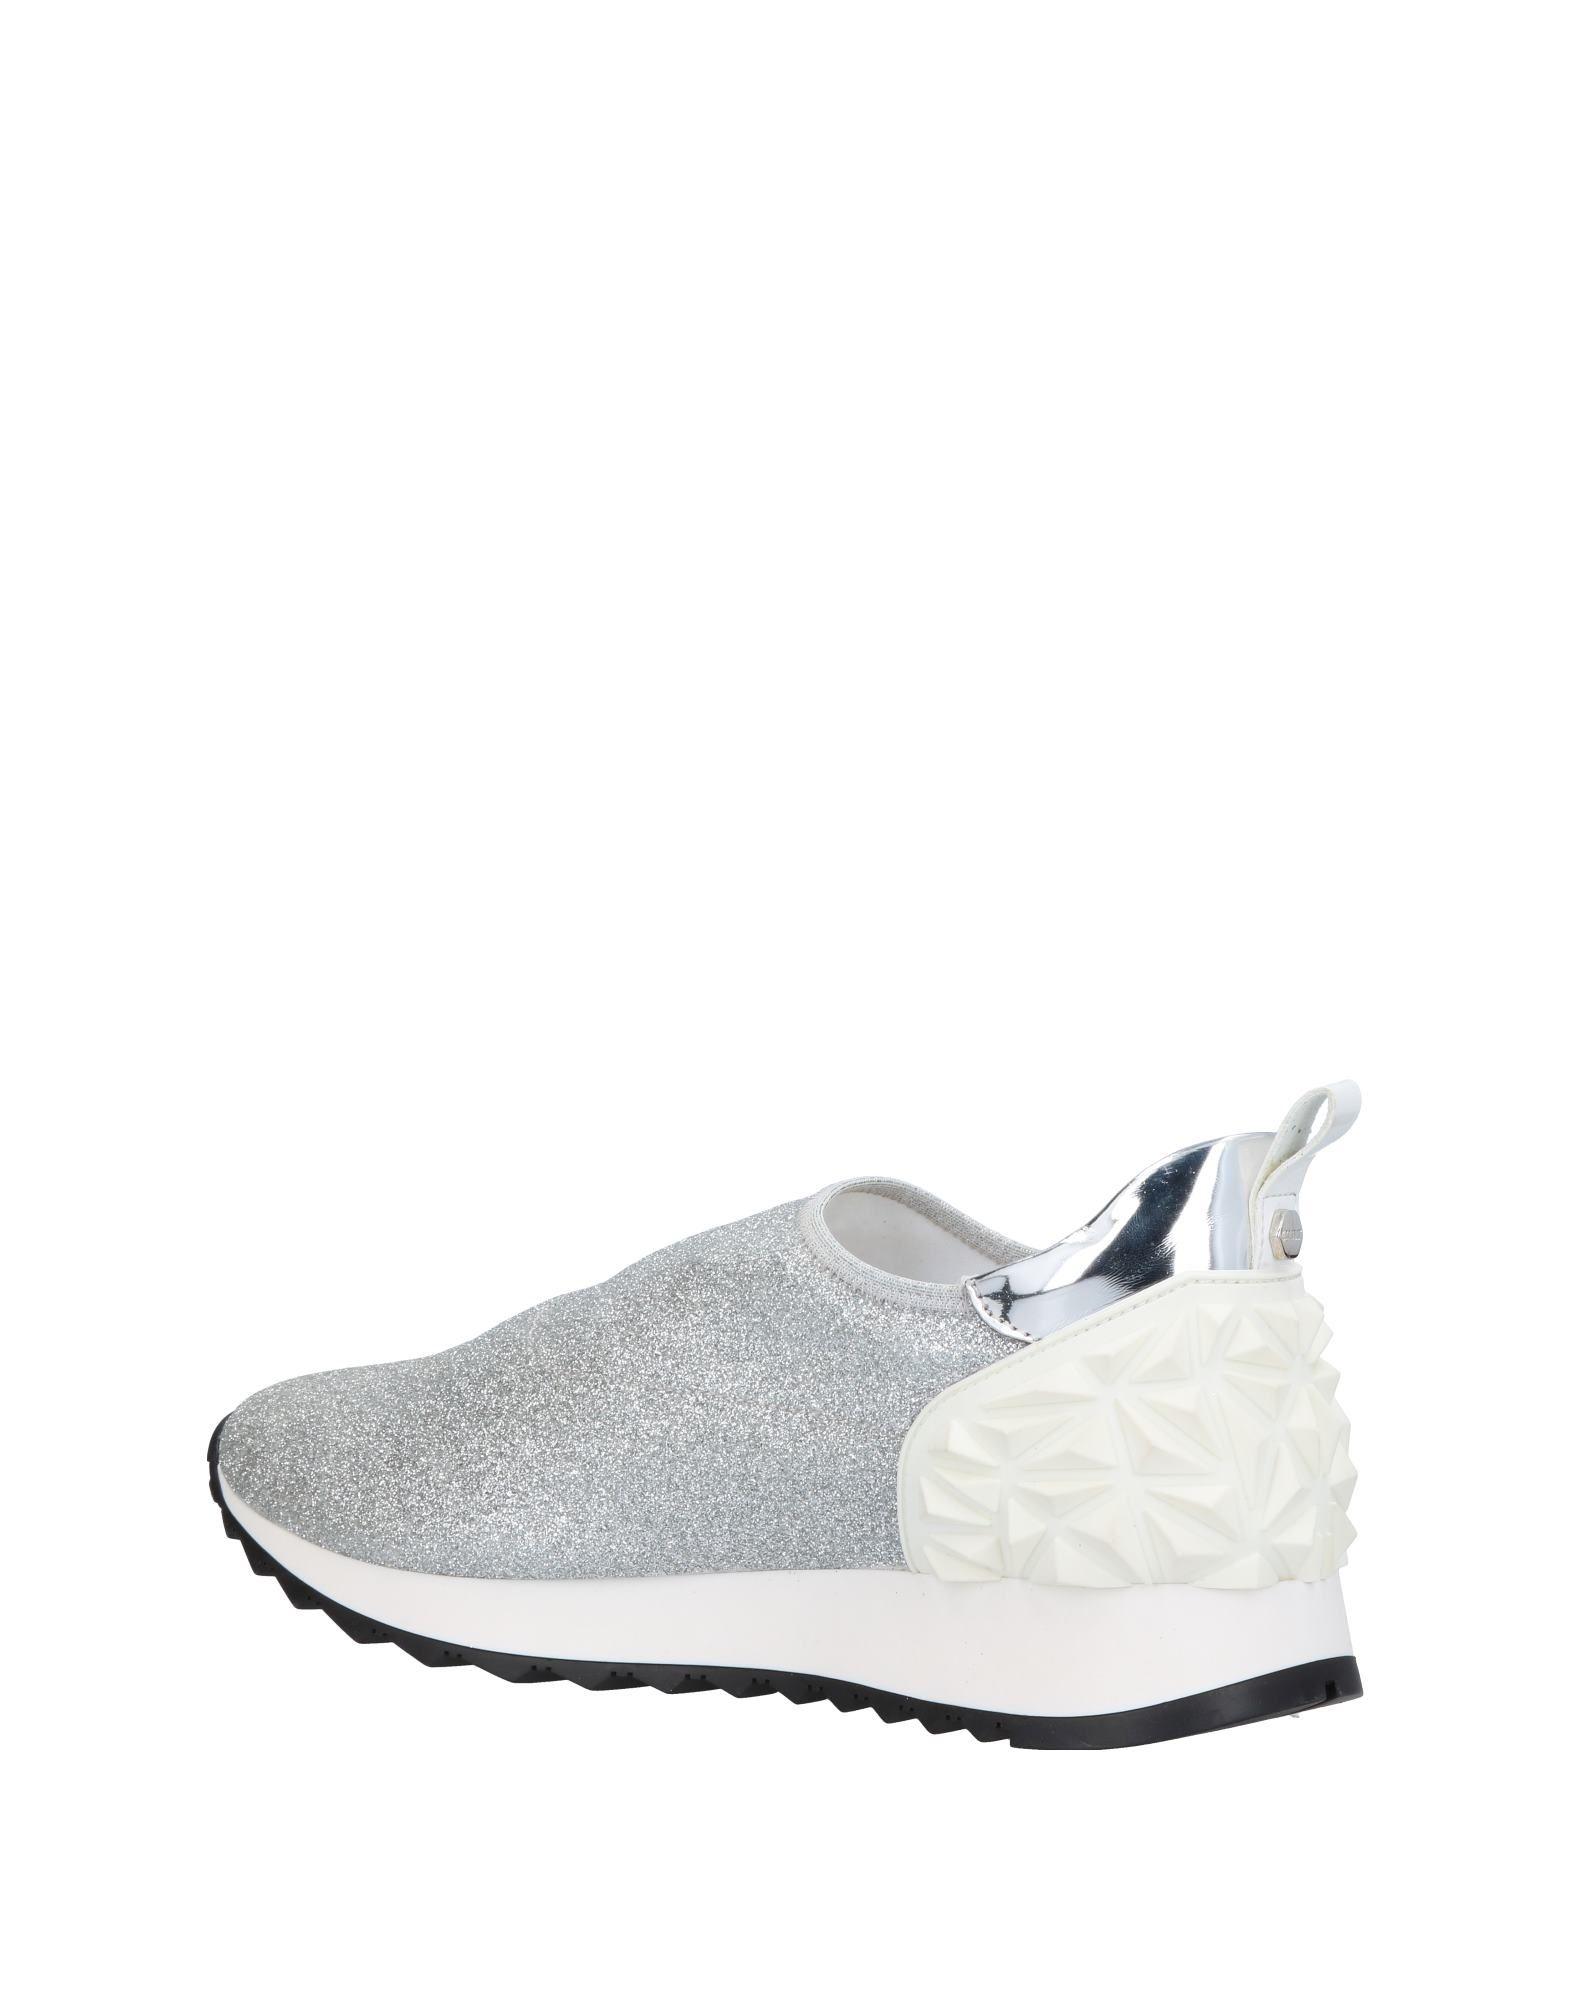 Cult Sneakers Damen  11400181BQ Schuhe Gute Qualität beliebte Schuhe 11400181BQ 10ca90